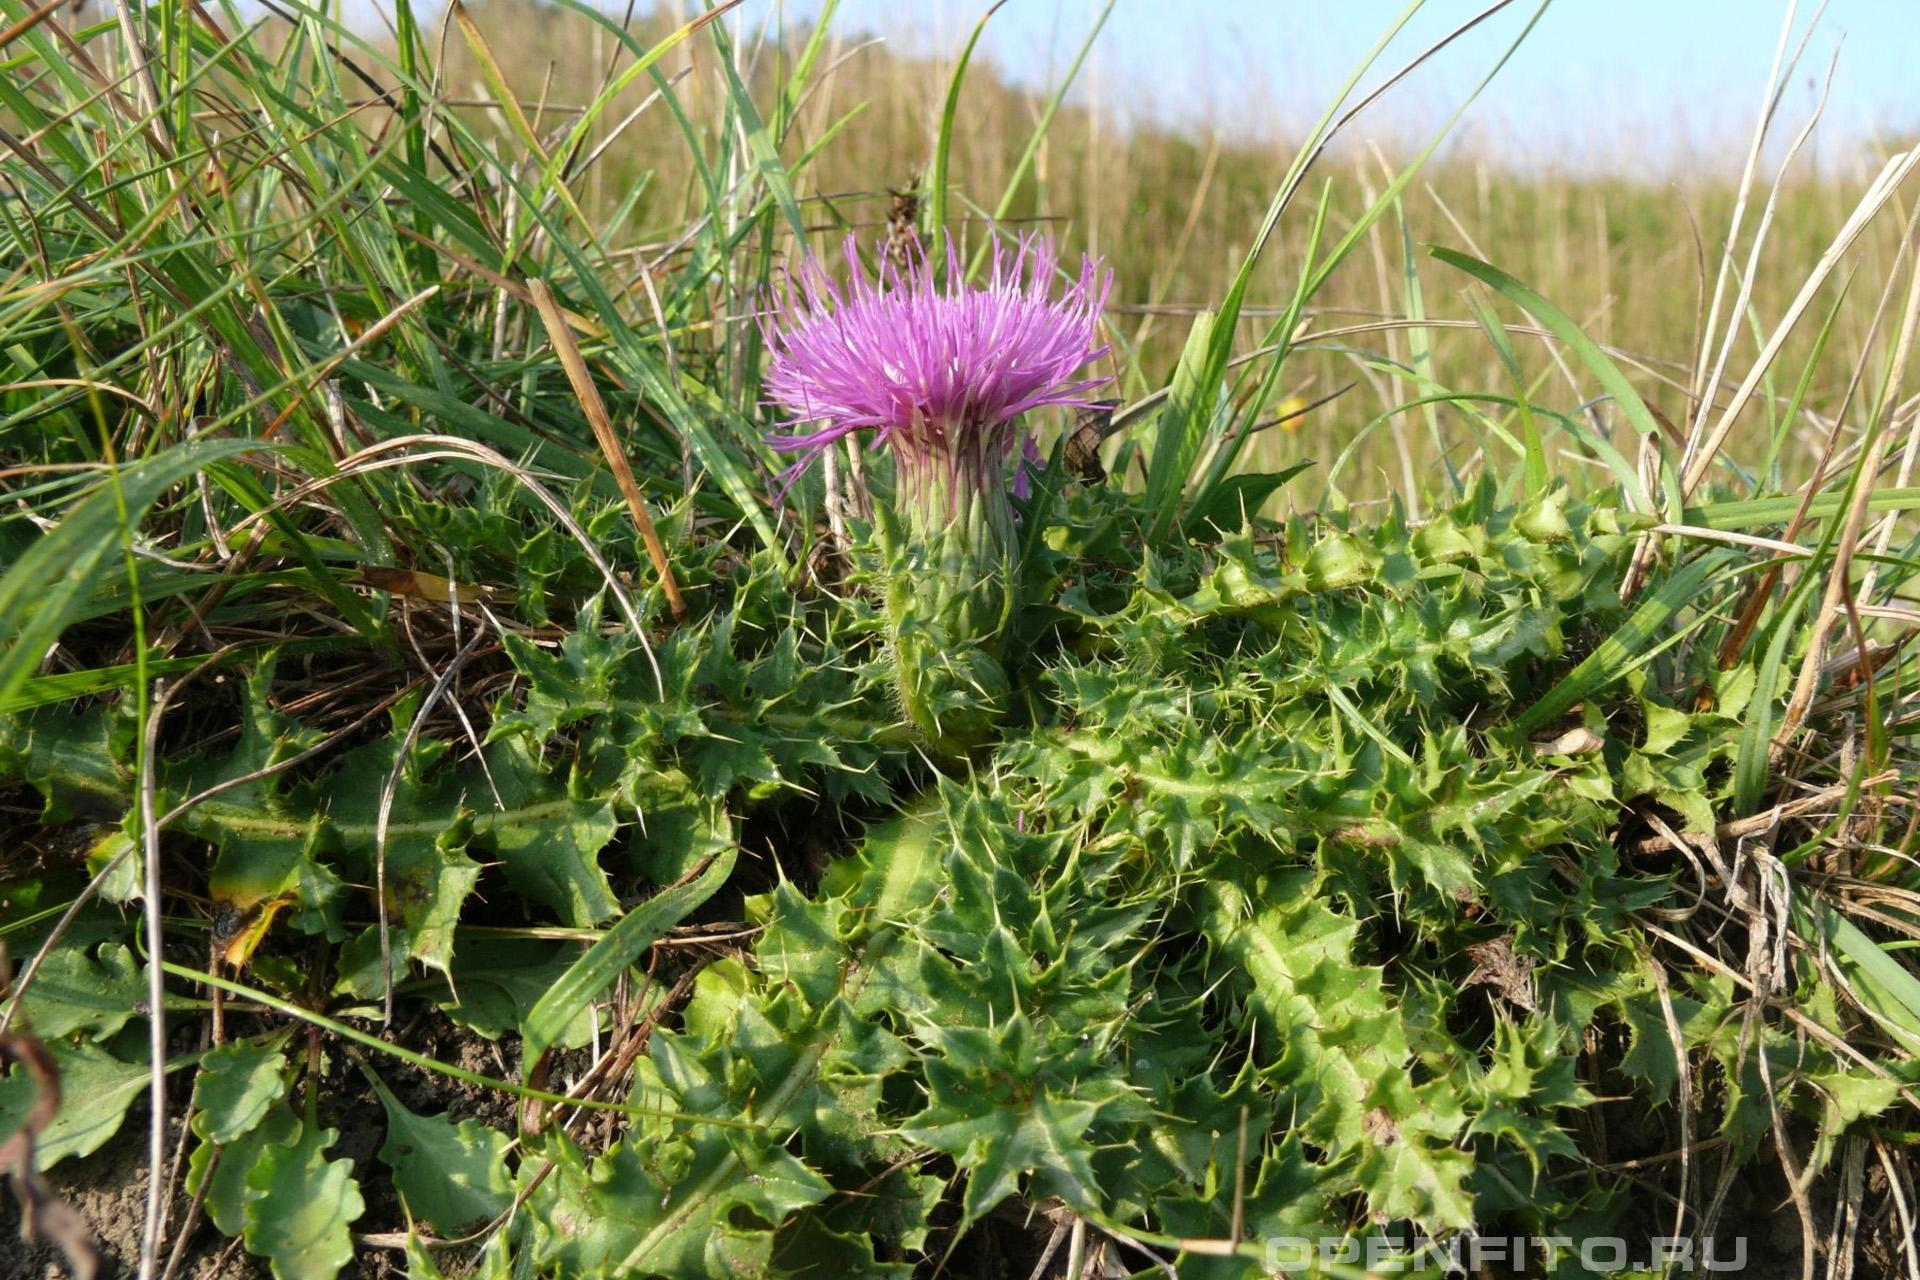 Бодяк съедобный безстебельная трава